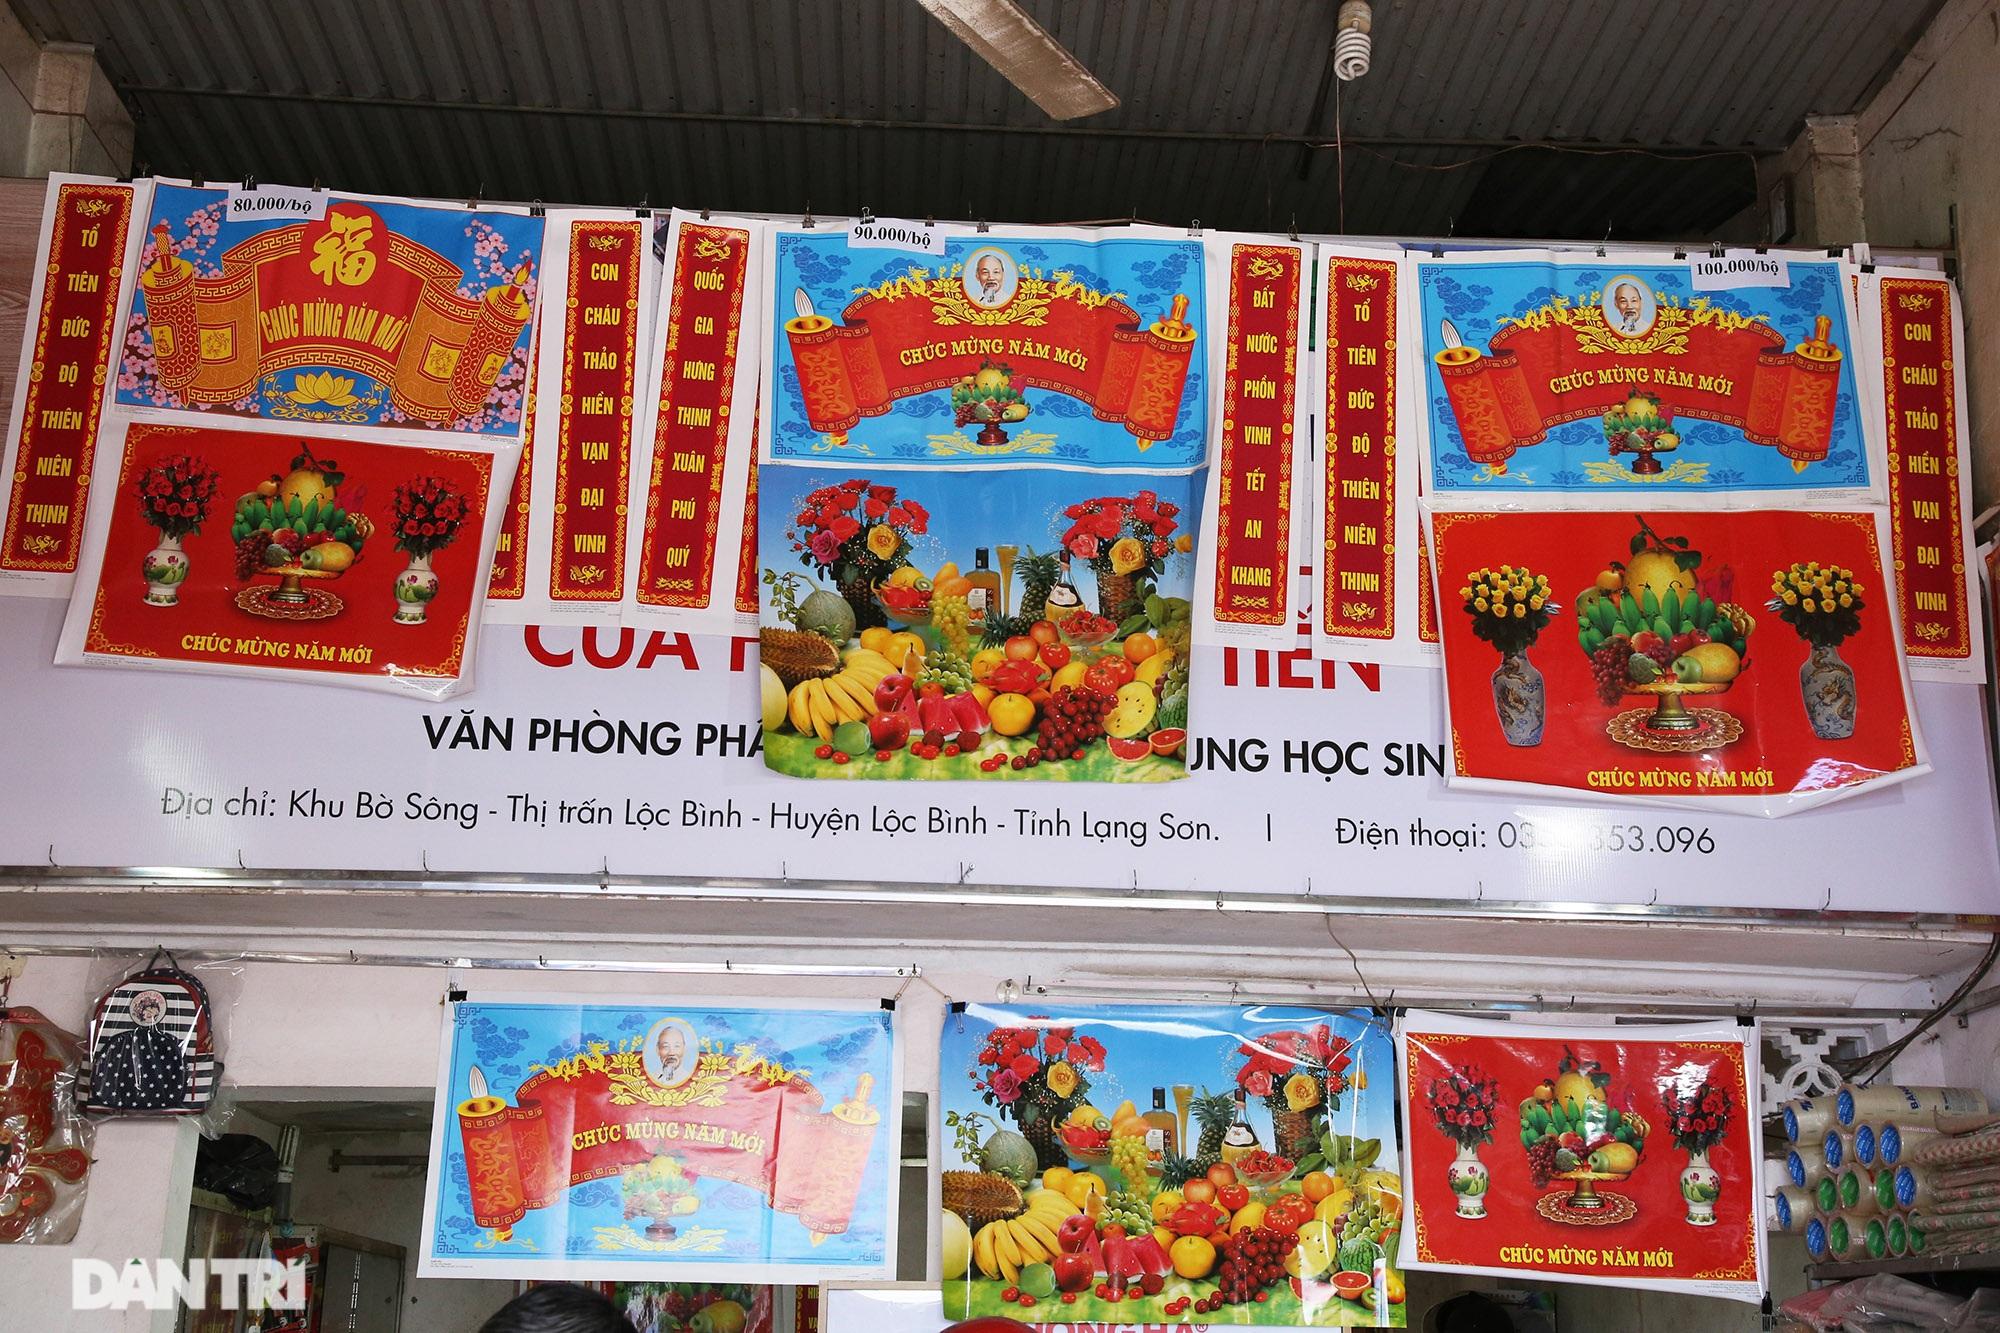 Người dân nhộn nhịp mua cờ tổ quốc về trang trí Tết ở phiên chợ cuối năm - 6